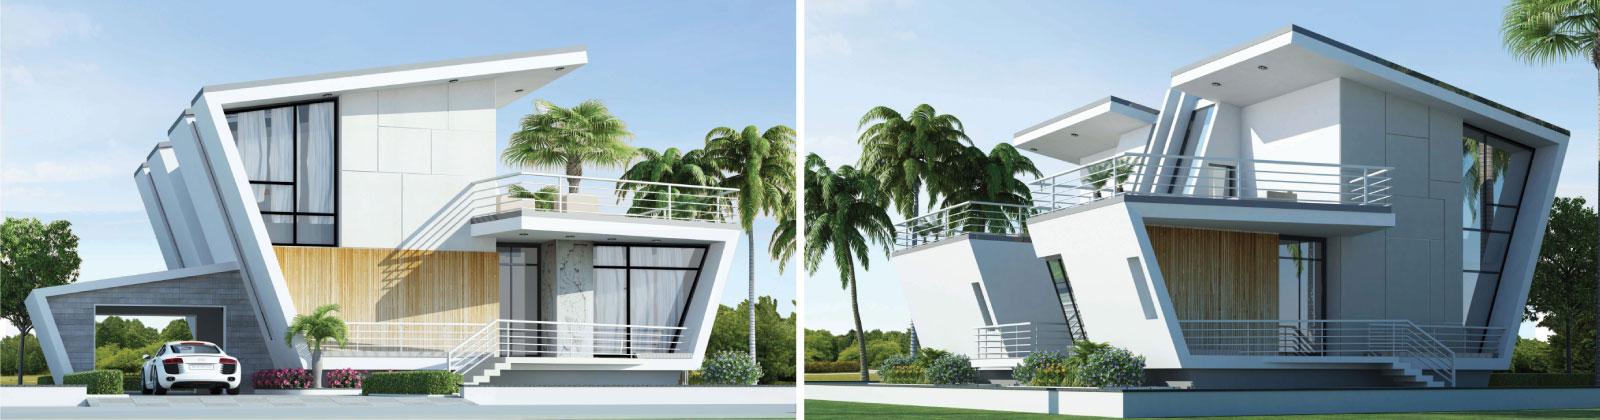 Krishna Patnam Port – Guest House - Actual Image